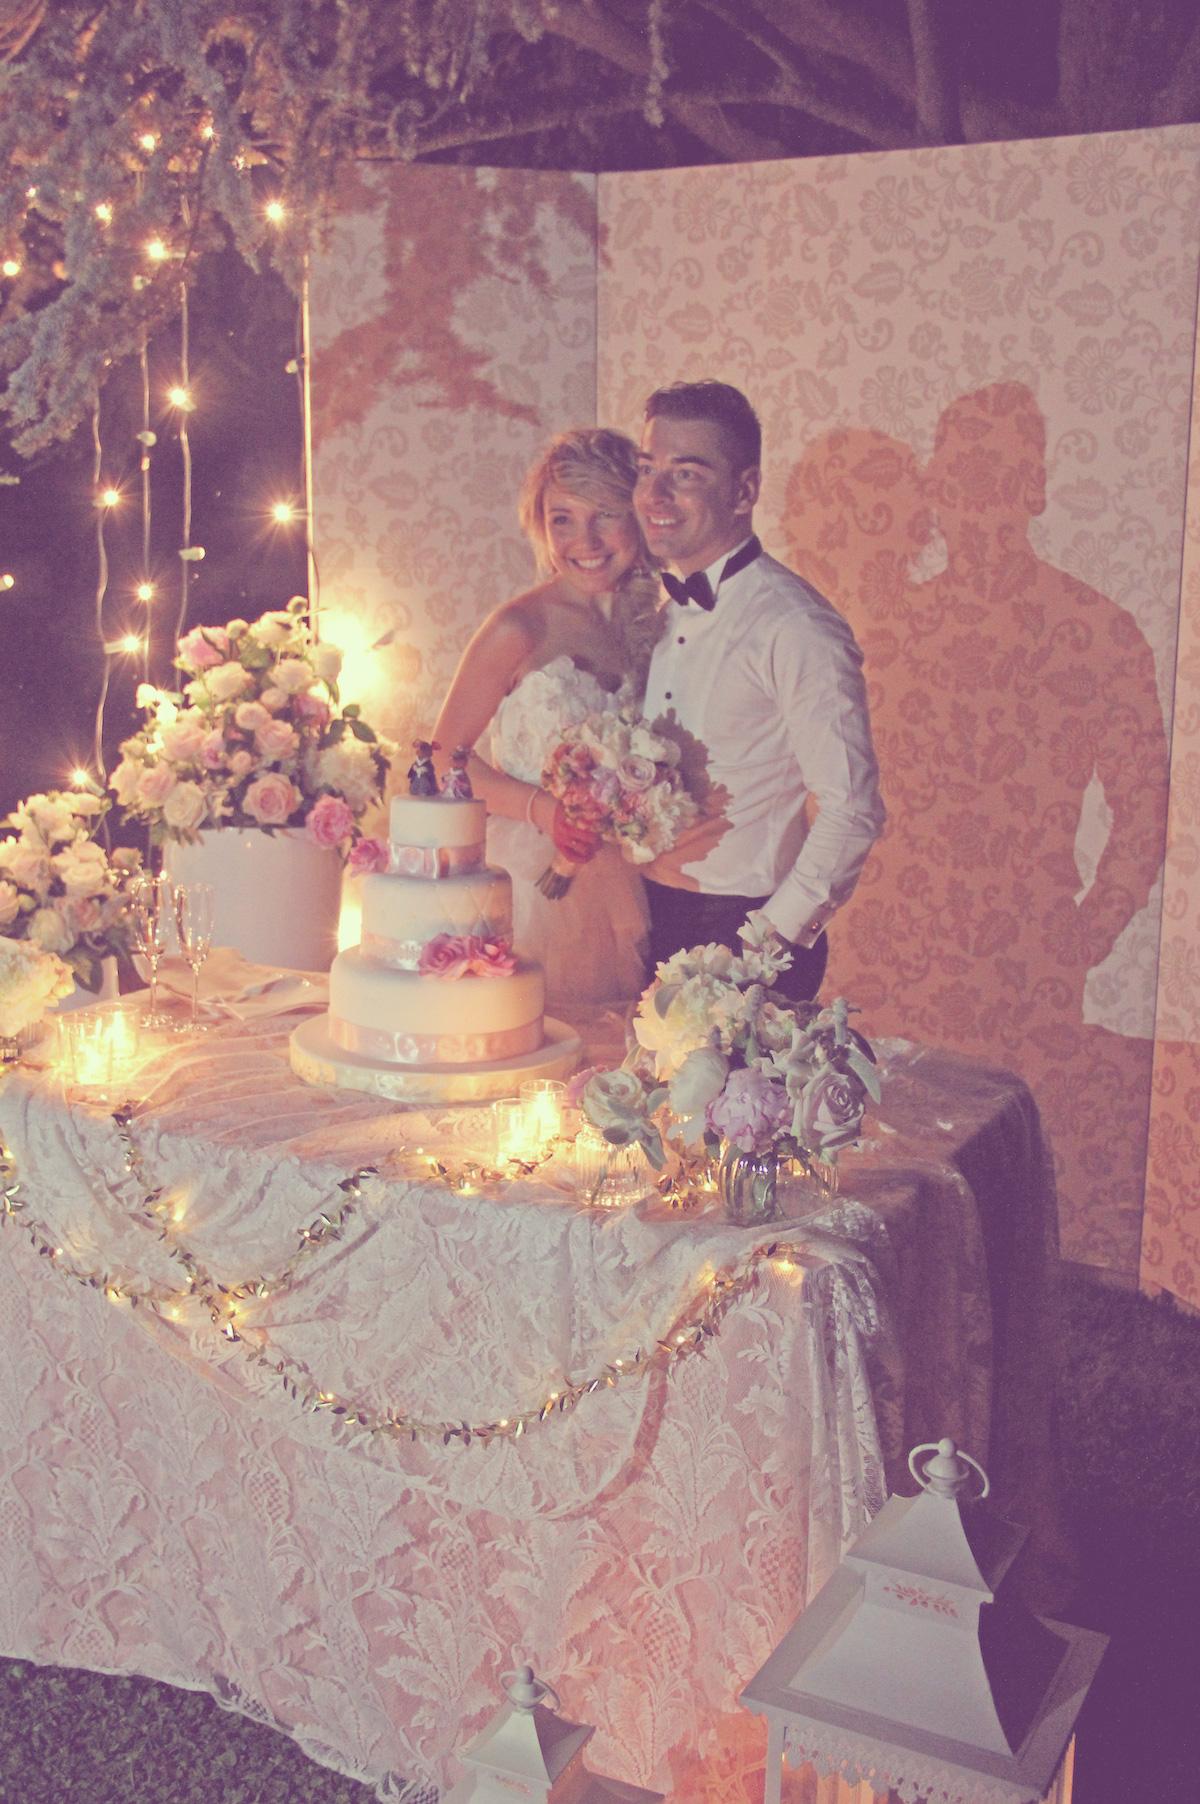 013-wedding-lake-garda-cake-with-flowers